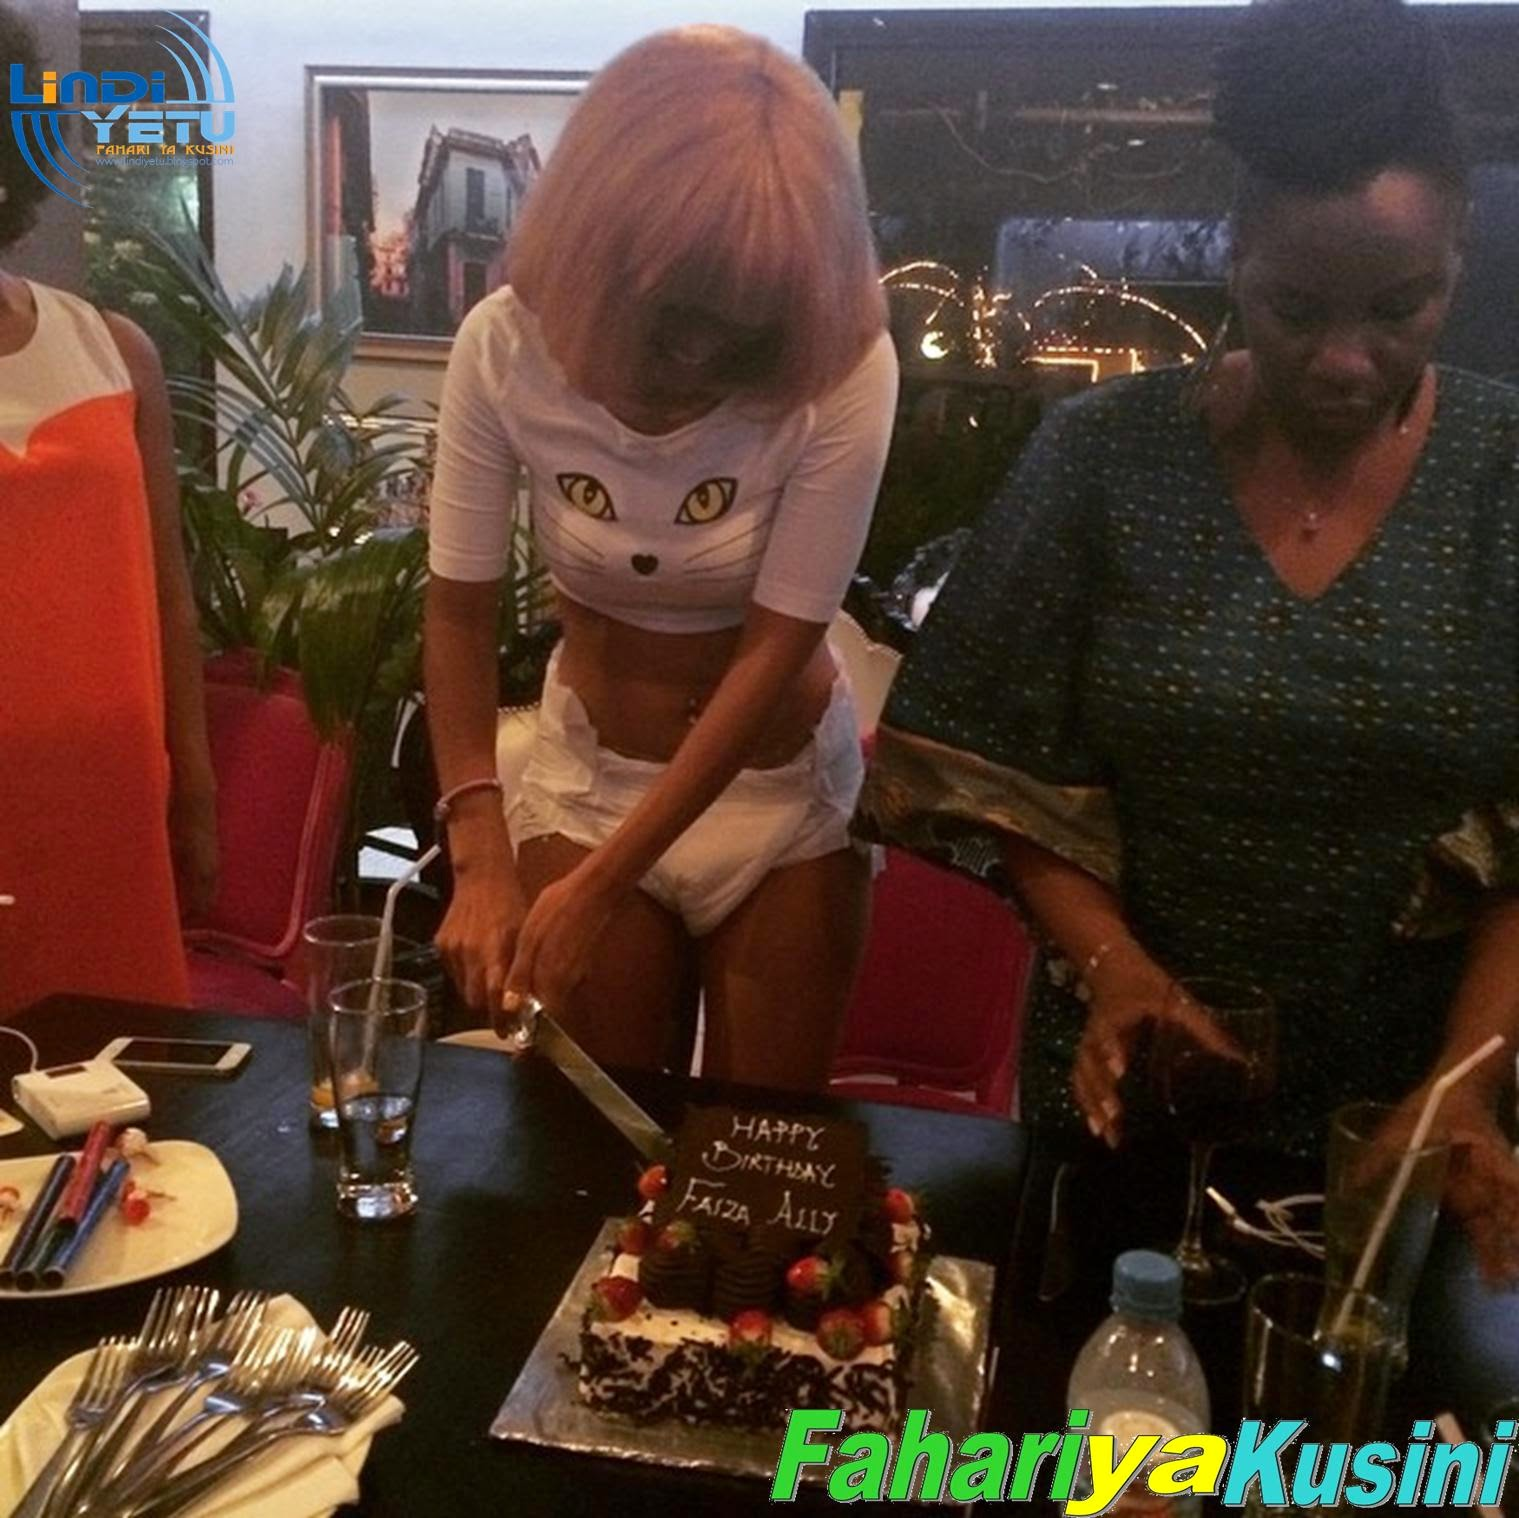 Faiza Ally Birthday